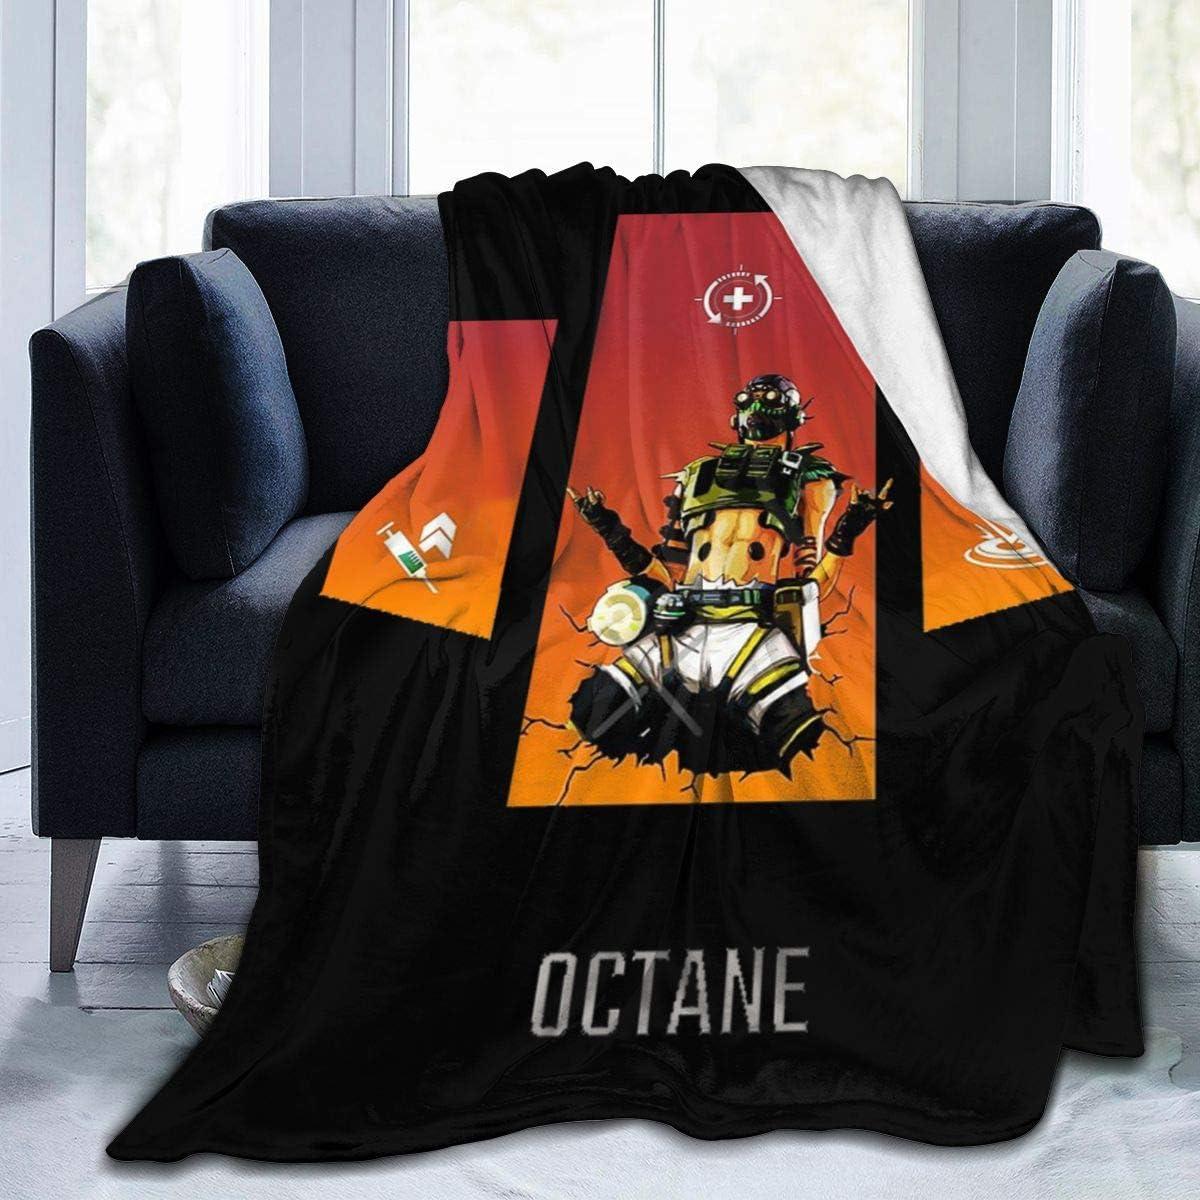 safety Hamiltion Apex Legends Lightweight Regular store Bedding Soft Blanket Flannel